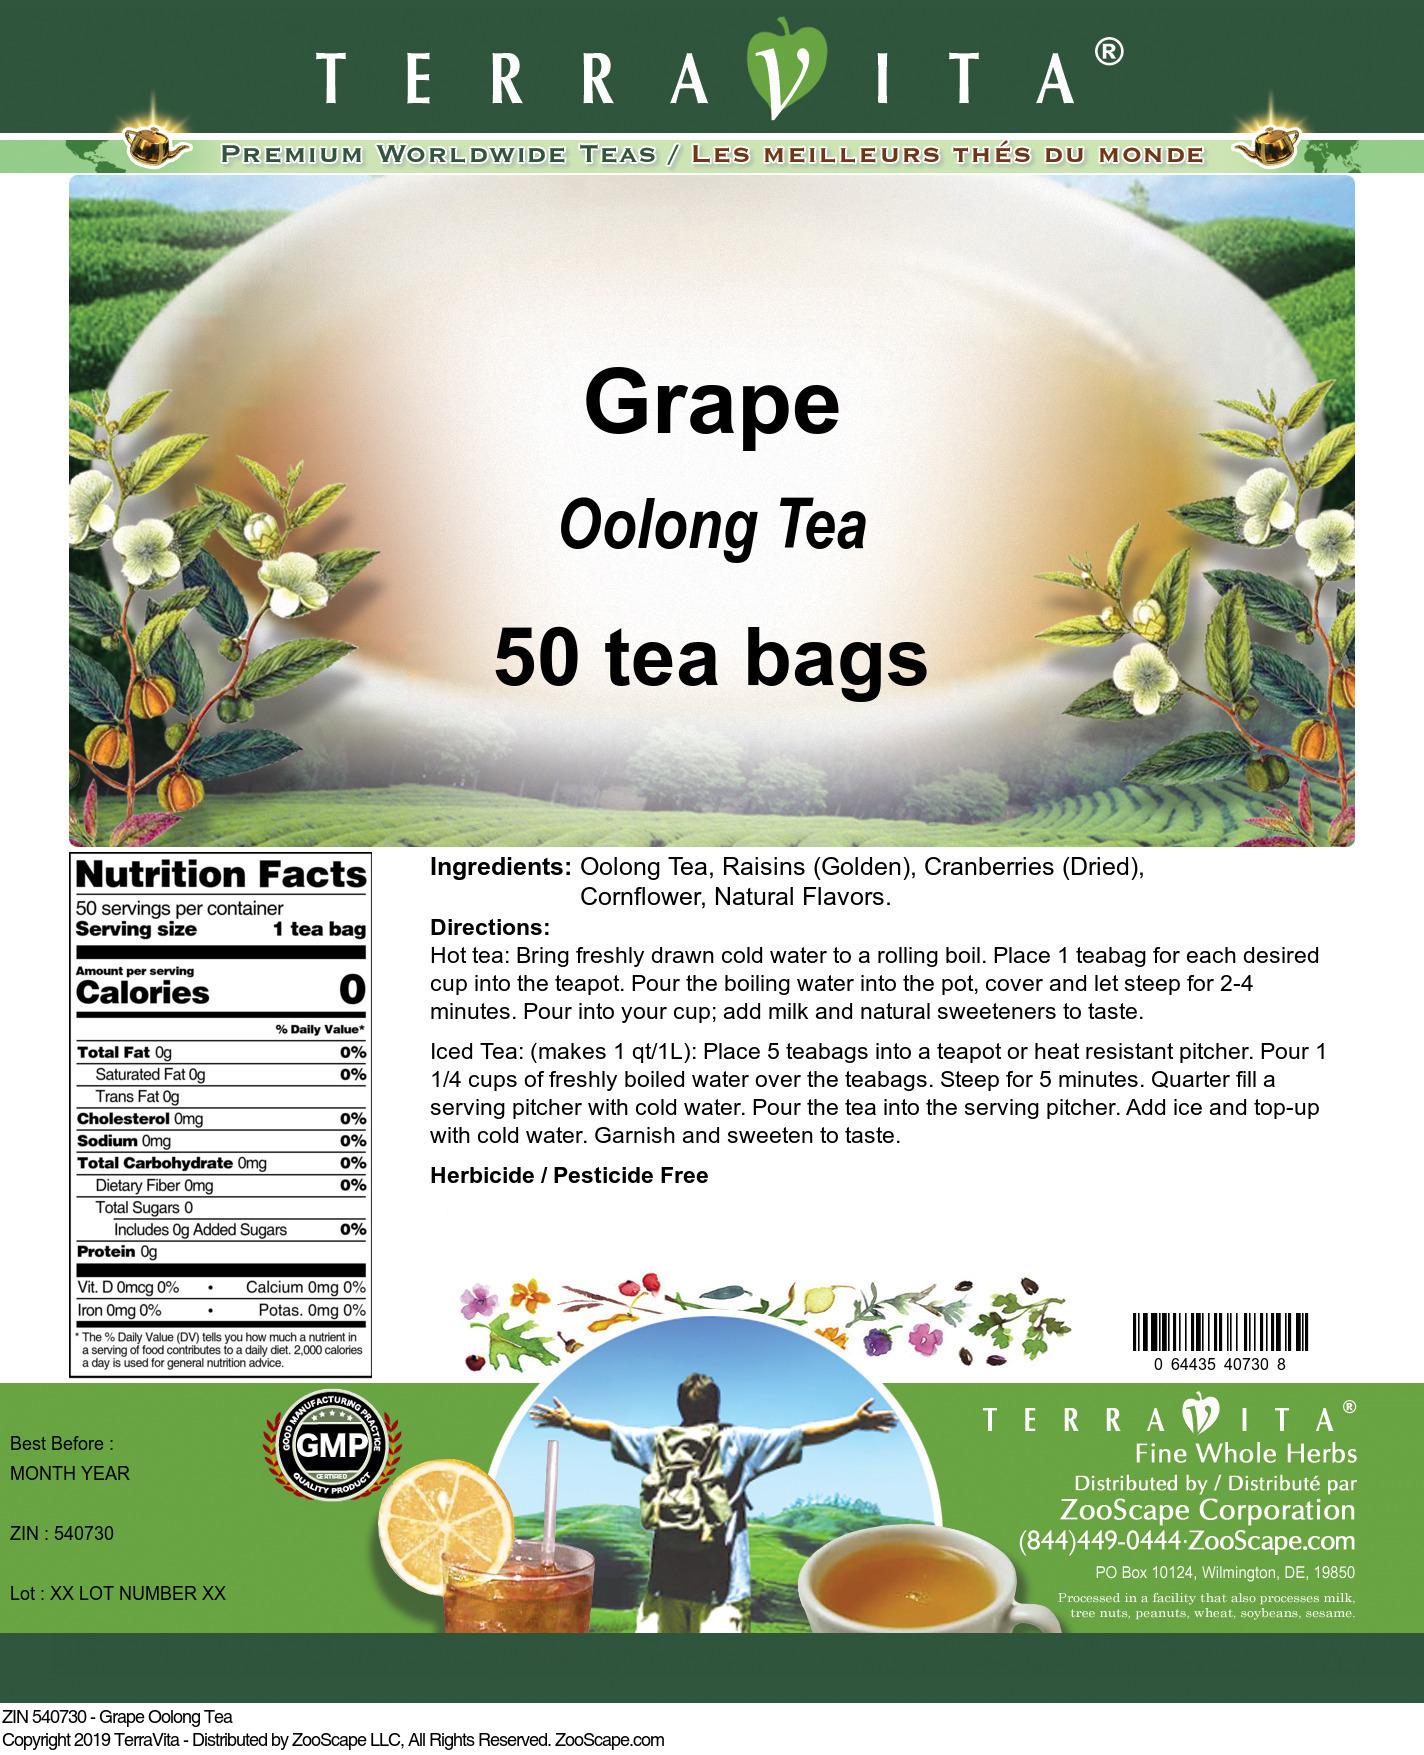 Grape Oolong Tea